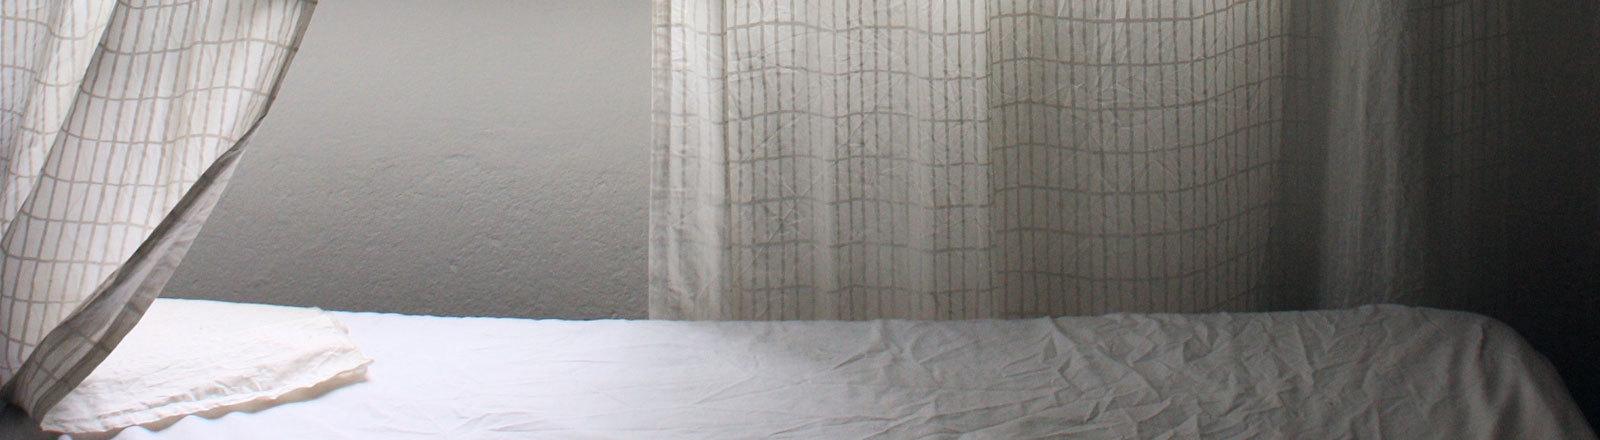 Das Bett bei offenem Fenster